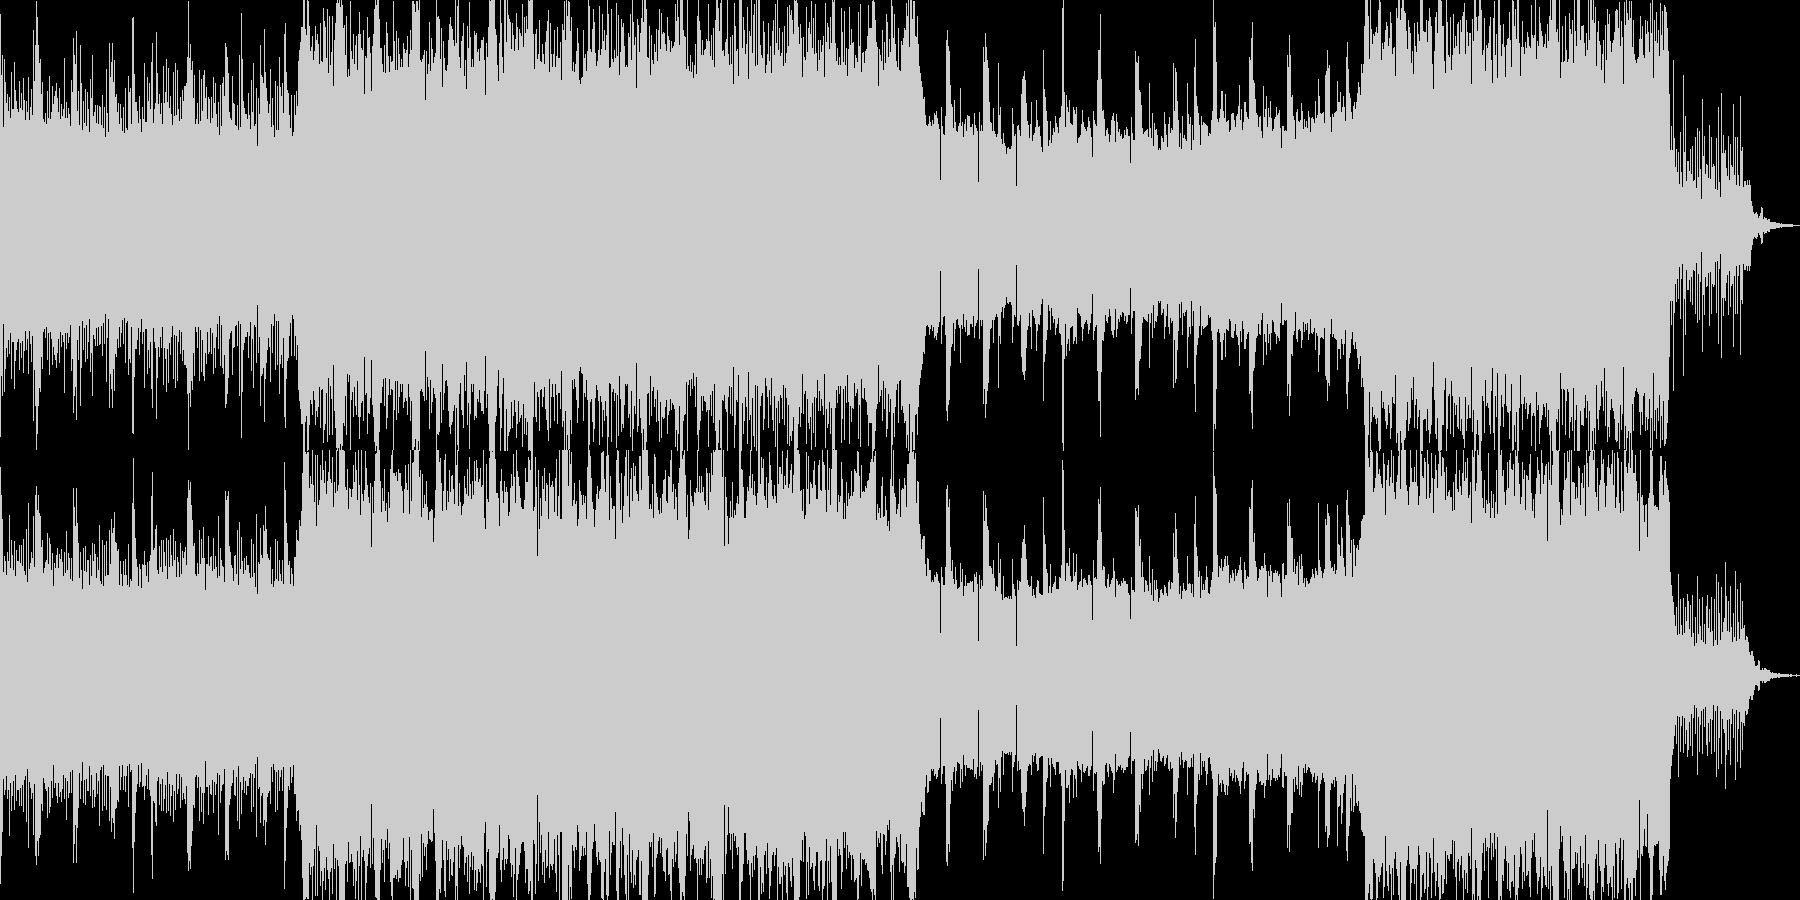 緊張感を与えるテクスチャー音楽の未再生の波形